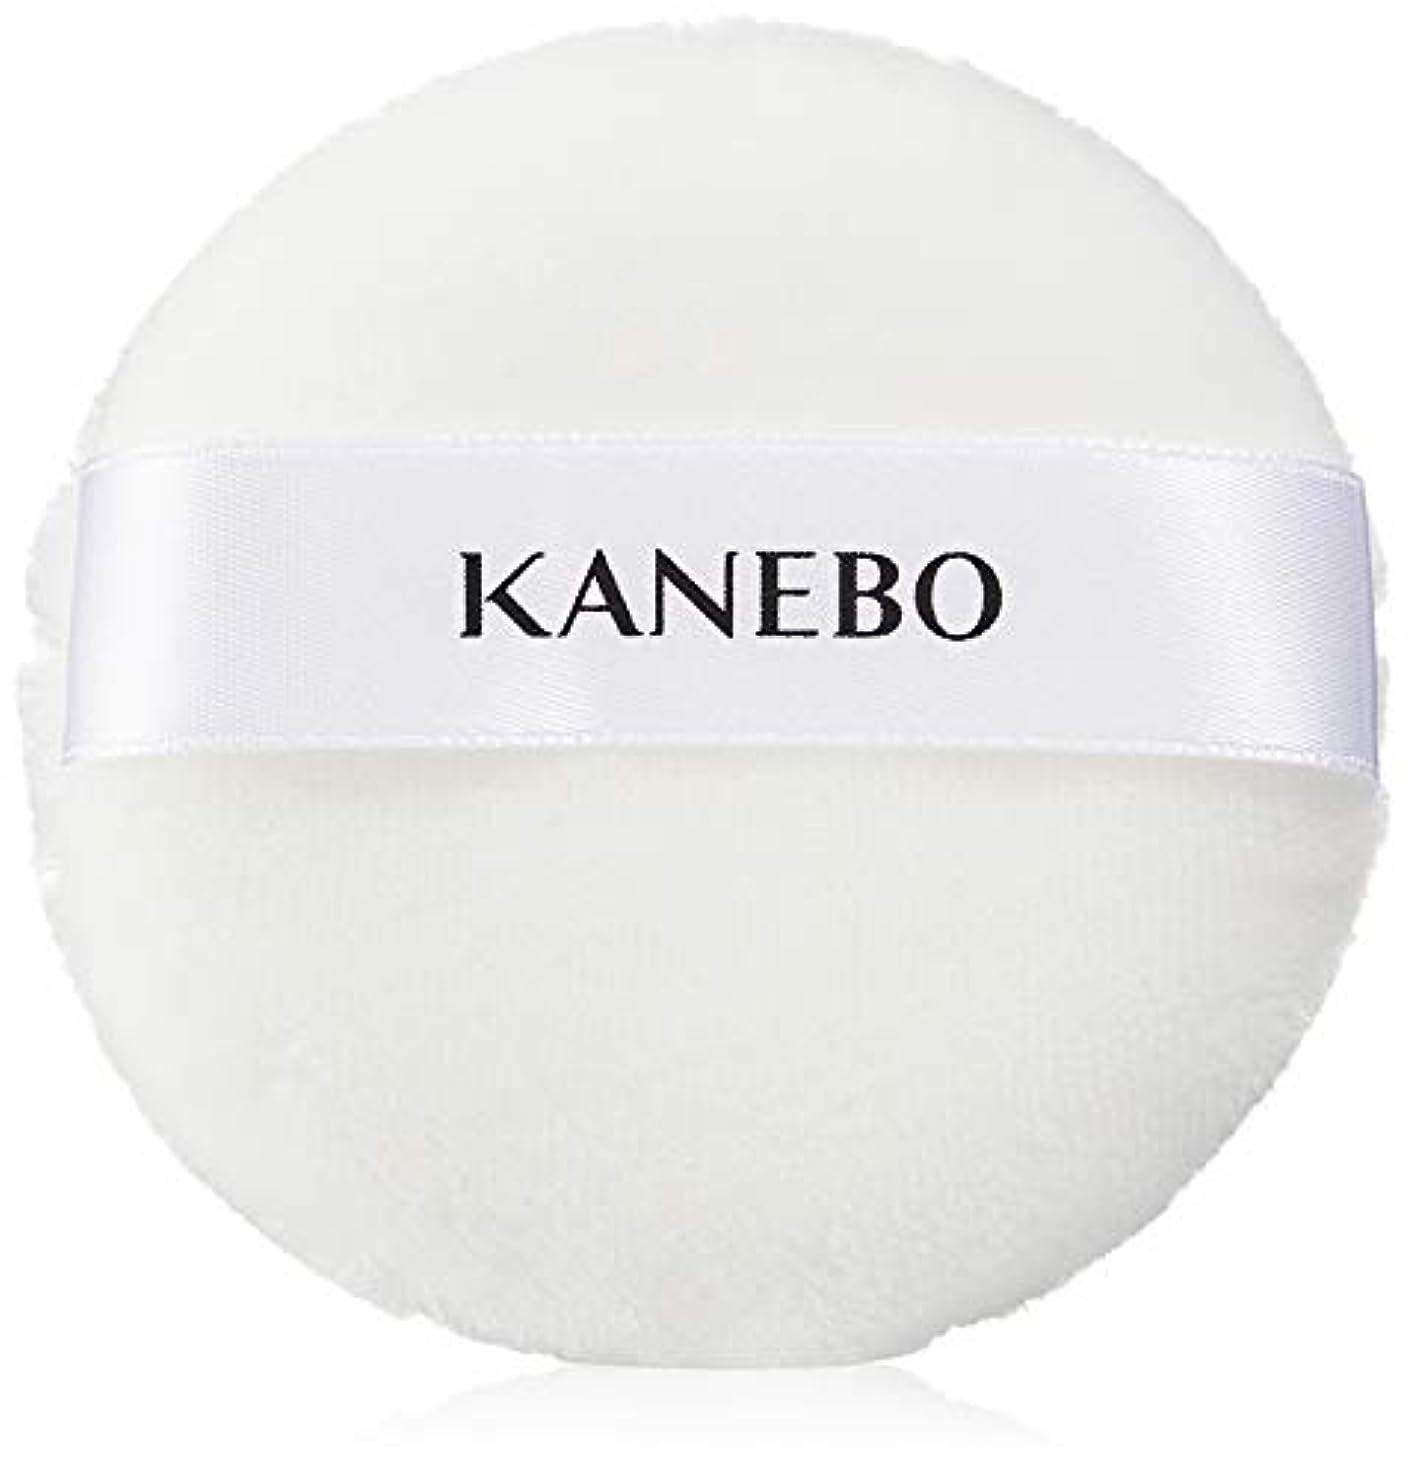 オフェンス系統的ことわざKANEBO(カネボウ) カネボウ フィニッシュパウダーパフ パフ(おしろい用)